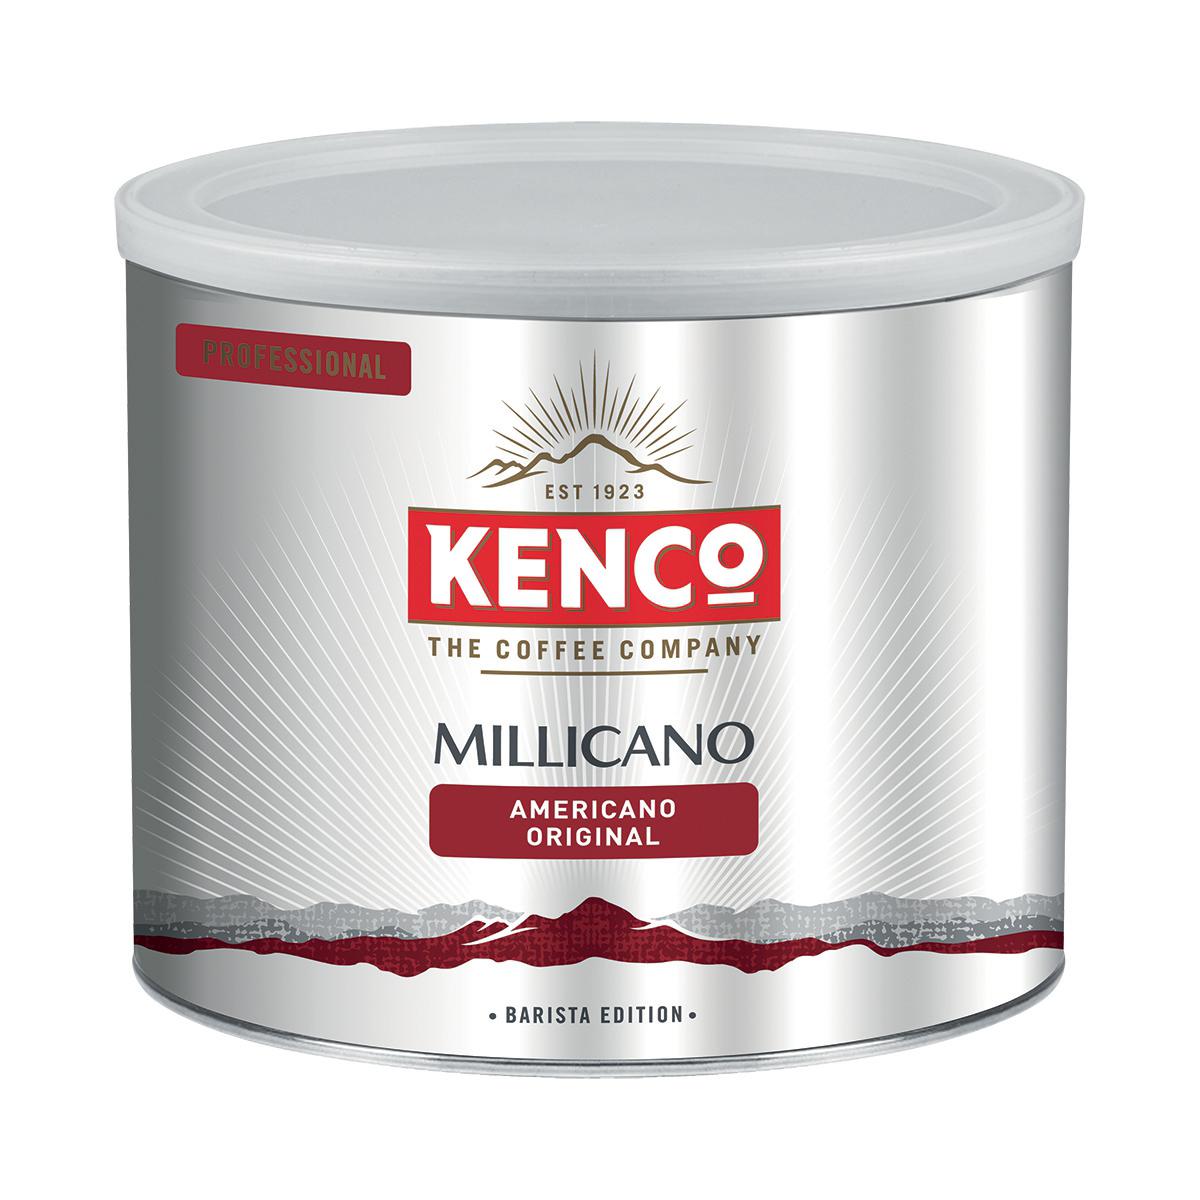 Kenco Millicano Americano 500g Ref 4032082